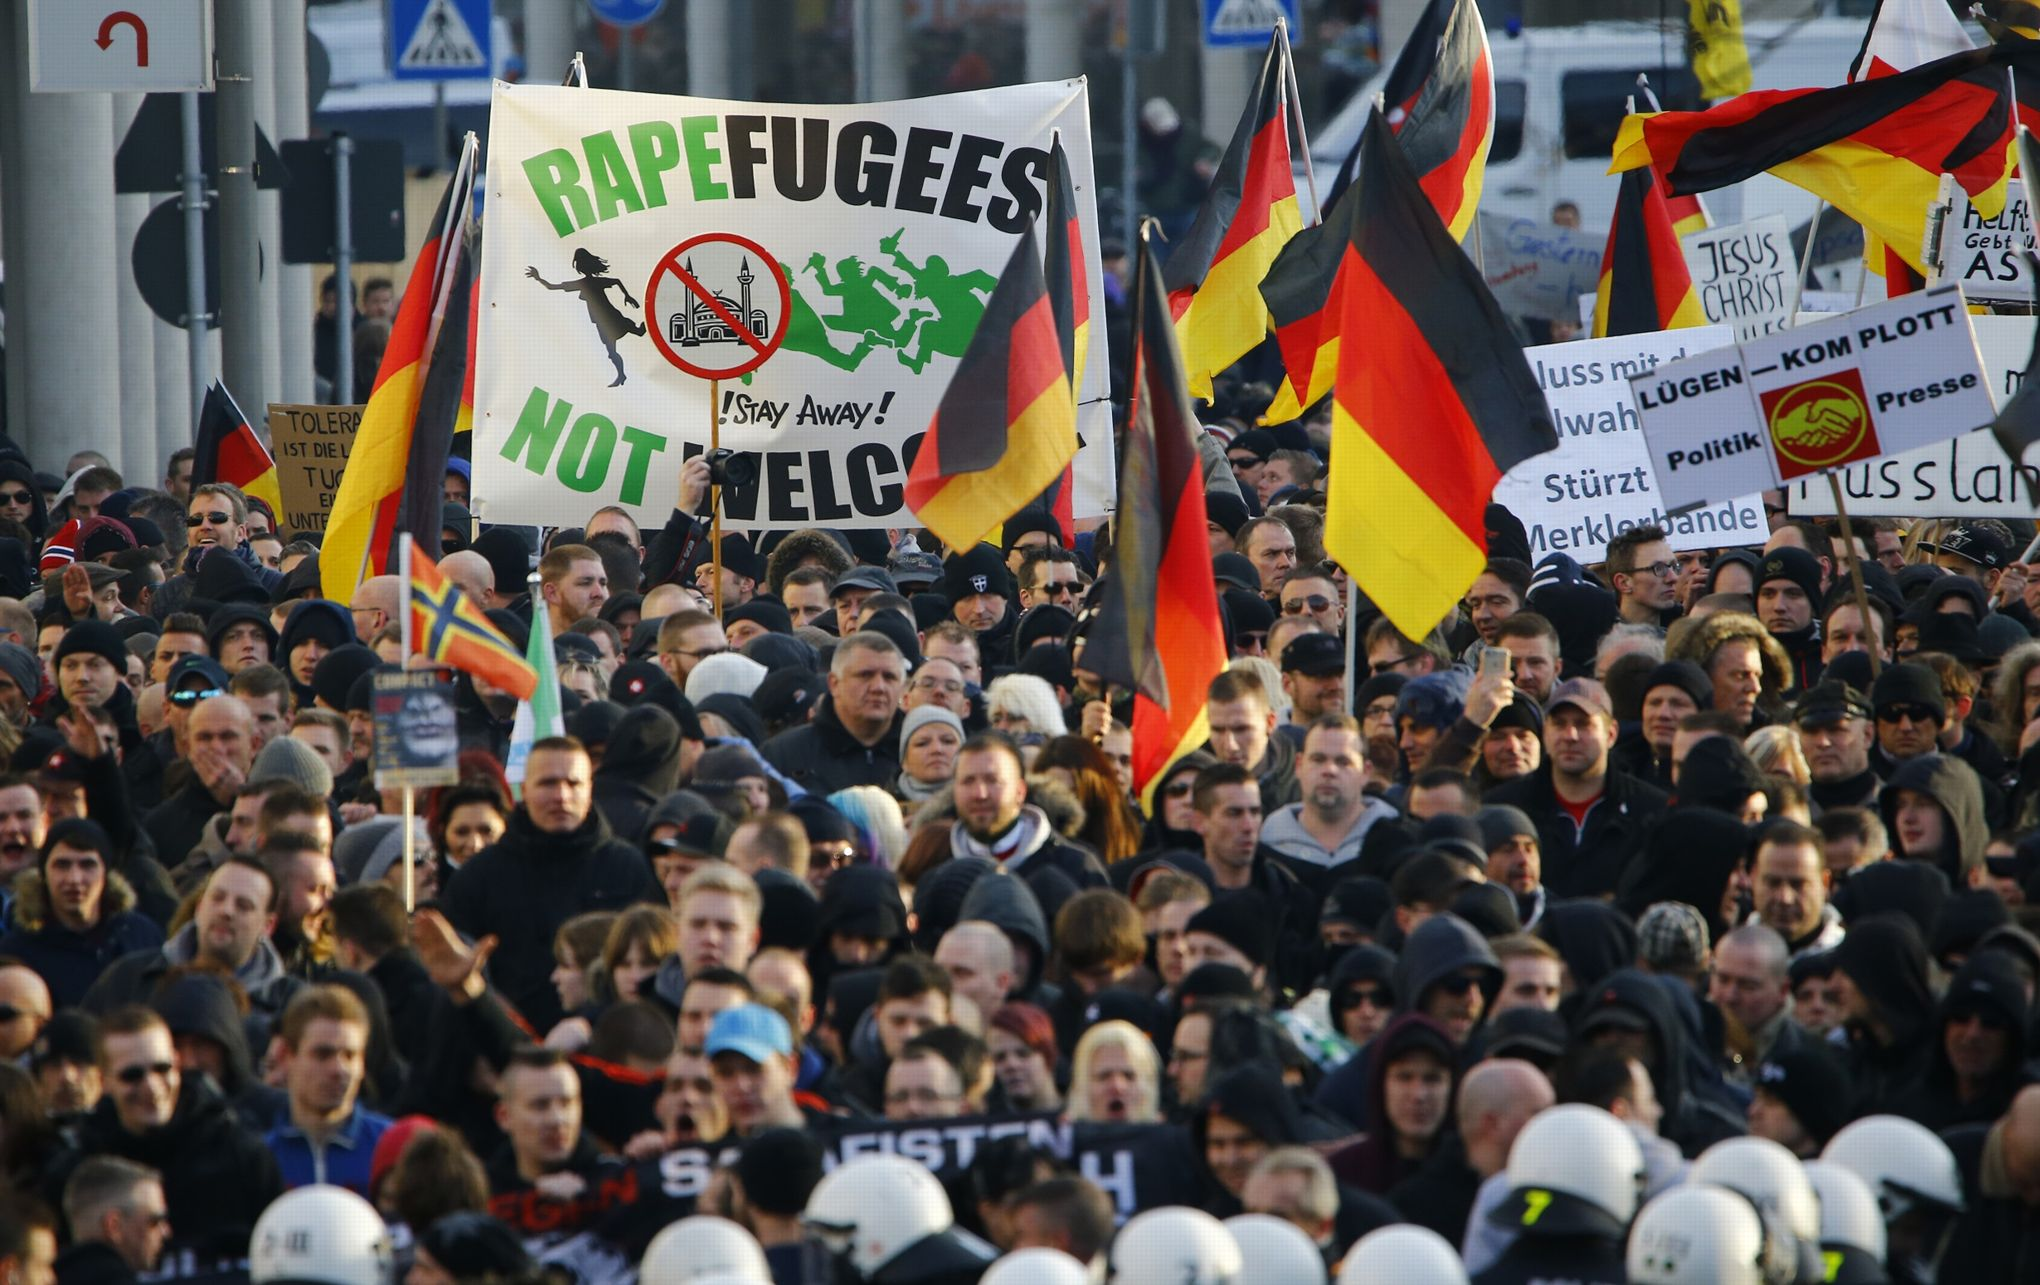 L'Europe face à la montée des partis anti-migrants